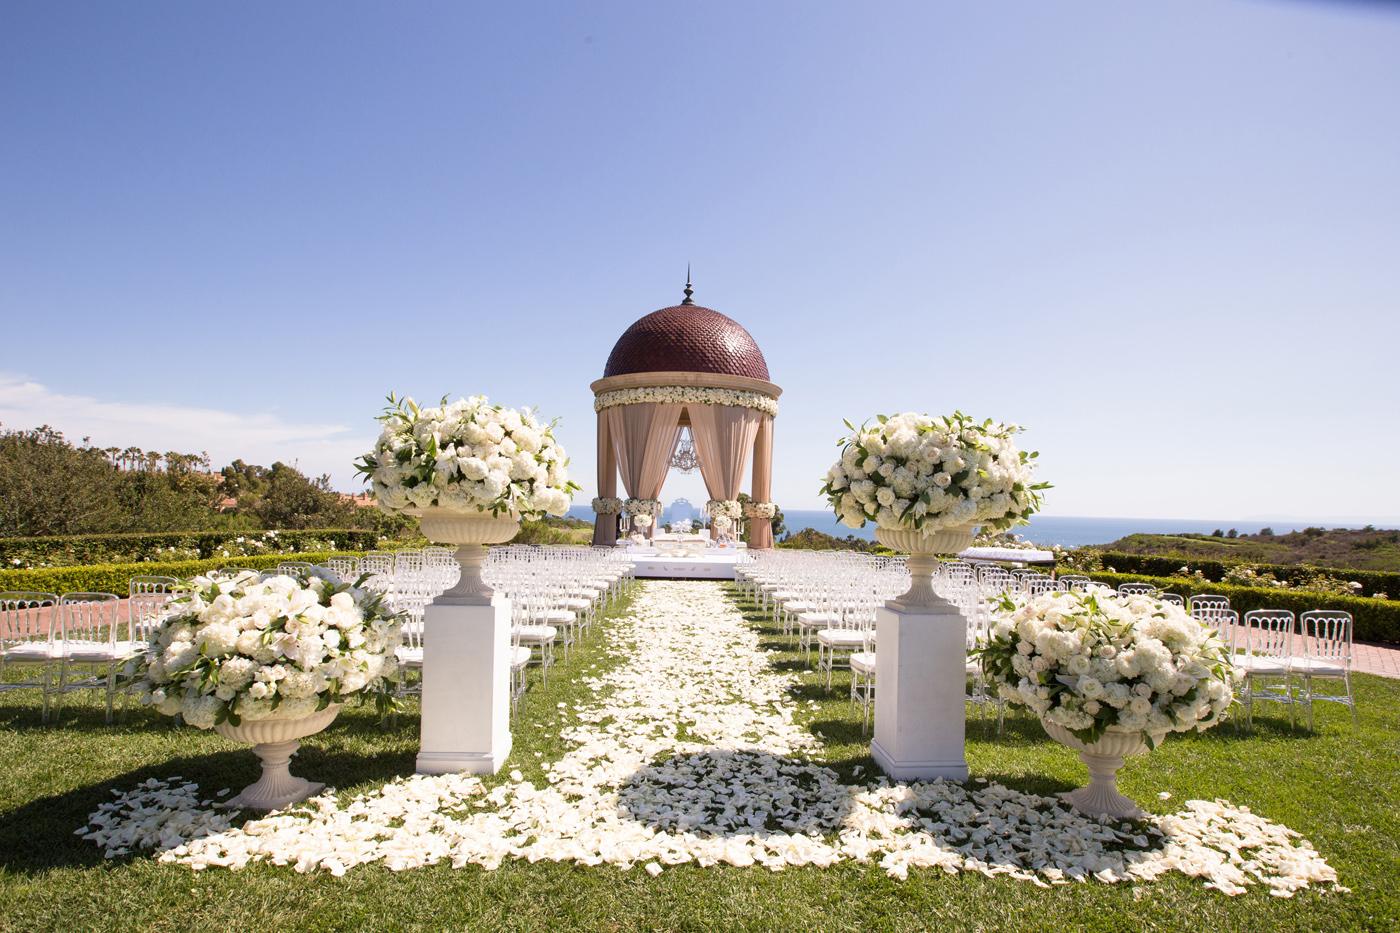 013_DukePhotography_DukeImages_Wedding_Details.jpg